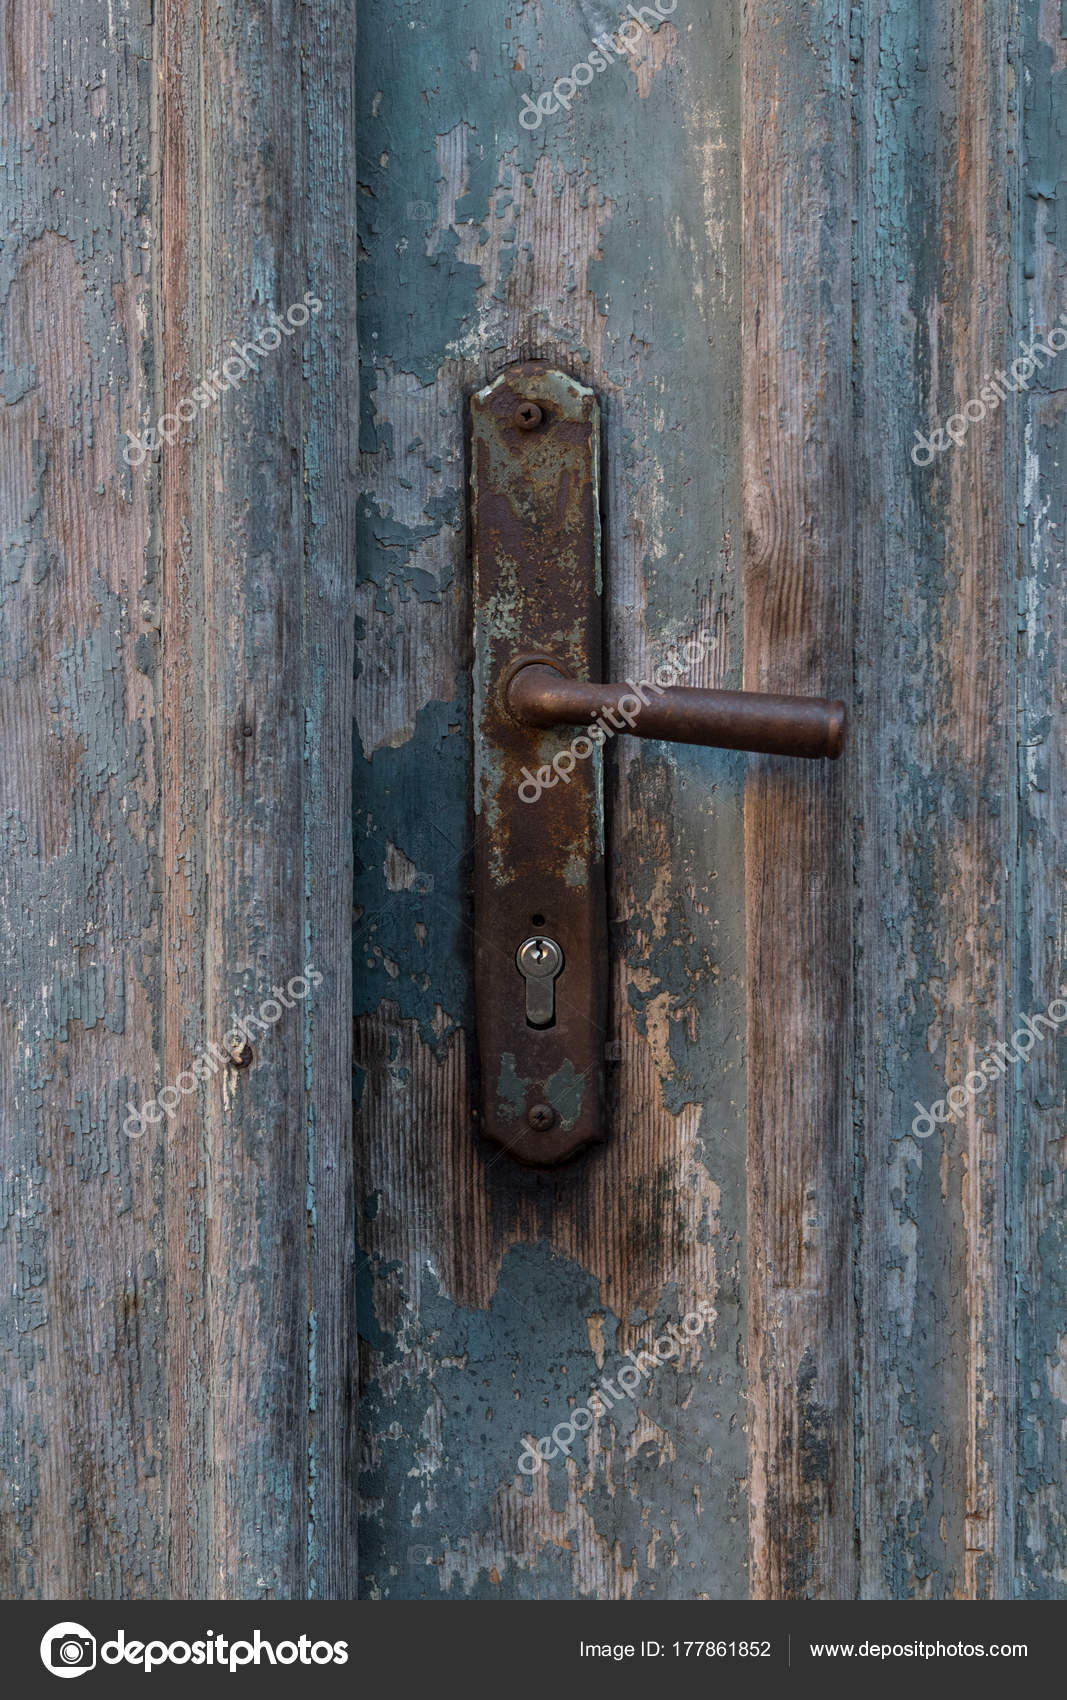 Groovy Stary Uchwyt Vintage Drzwi Metalowe Stare Niebieskie Drzwi VW71